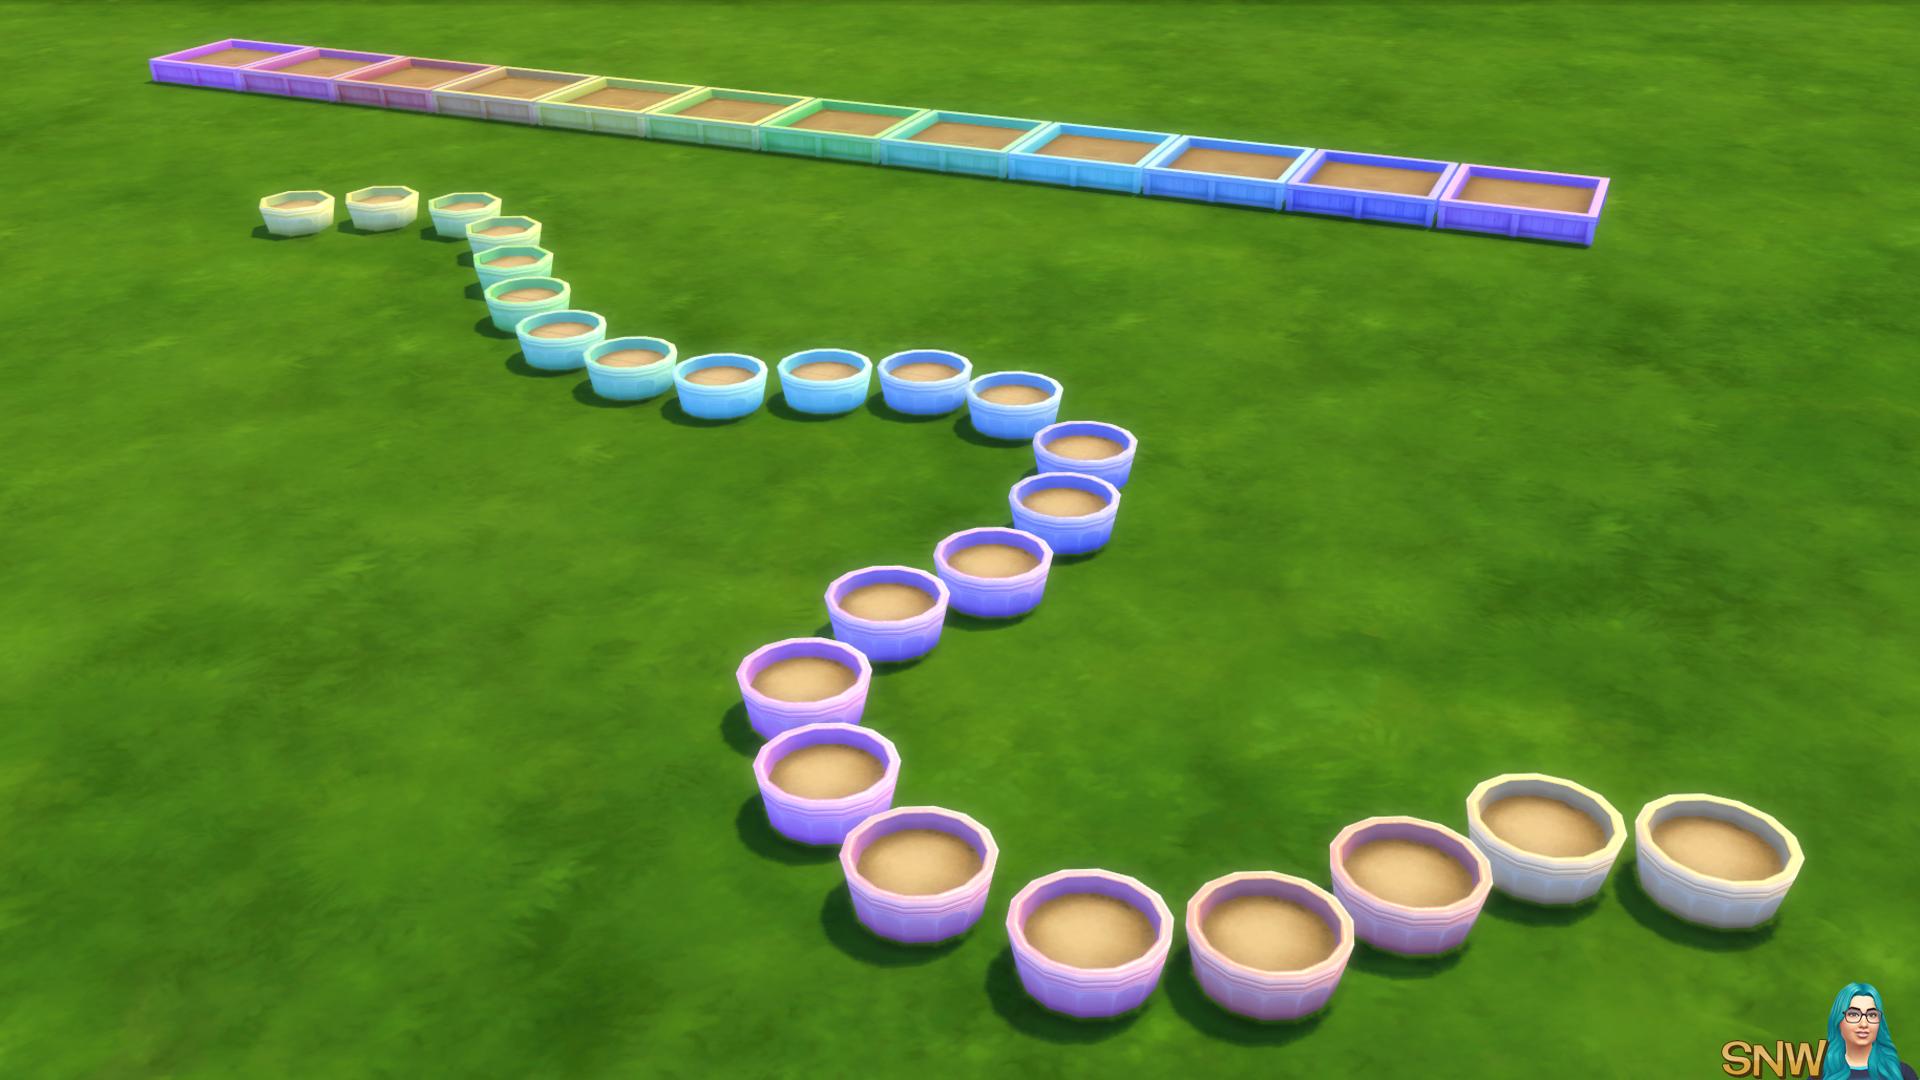 Pastel berry garden planter boxes snw for Garden design sims 4